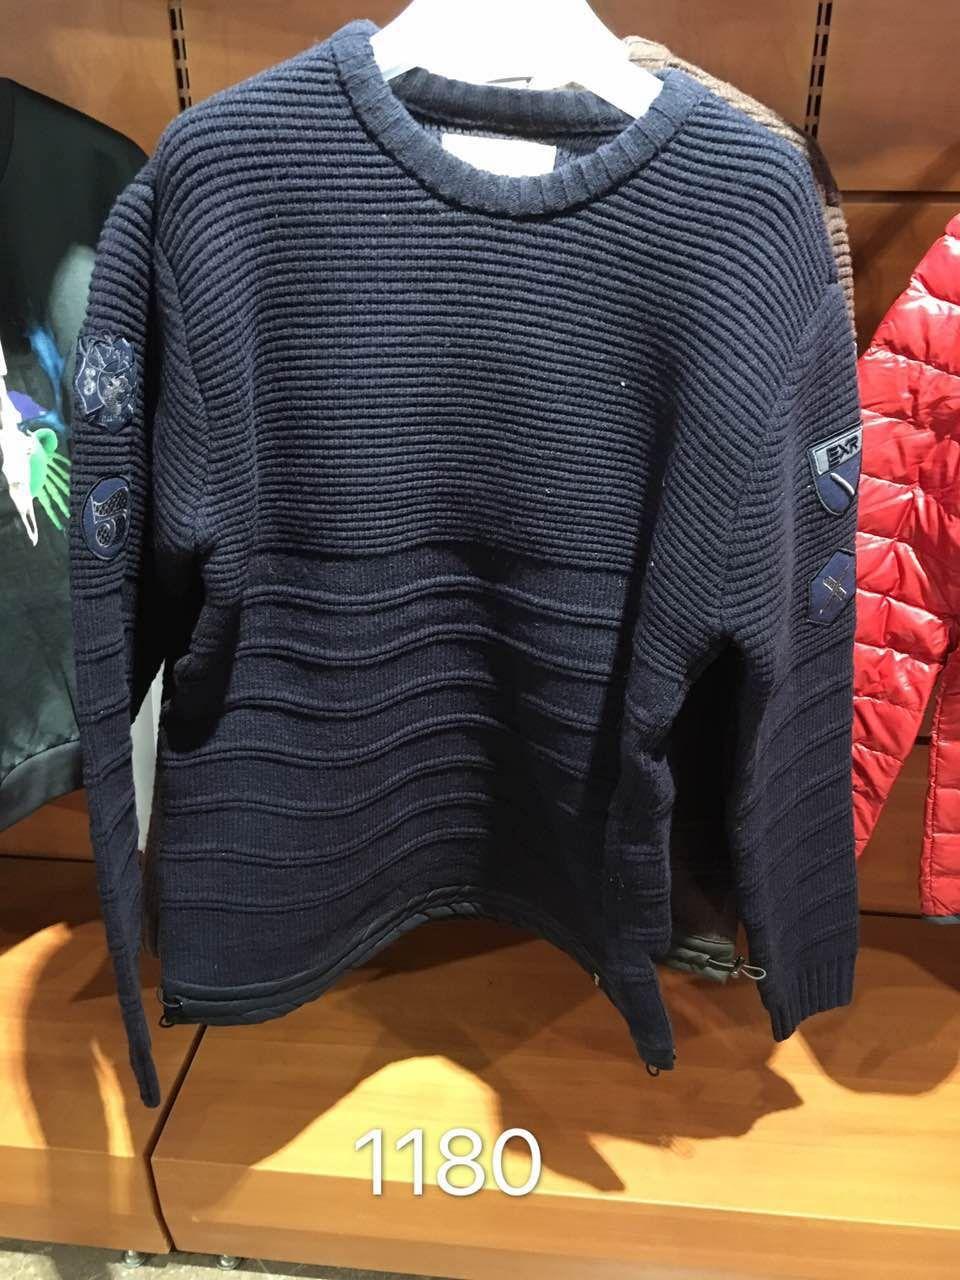 EXR quầy đàn ông đích thực của thể thao và giải trí rắn màu áo len áo len áo len áo len đích thực đảm bảo